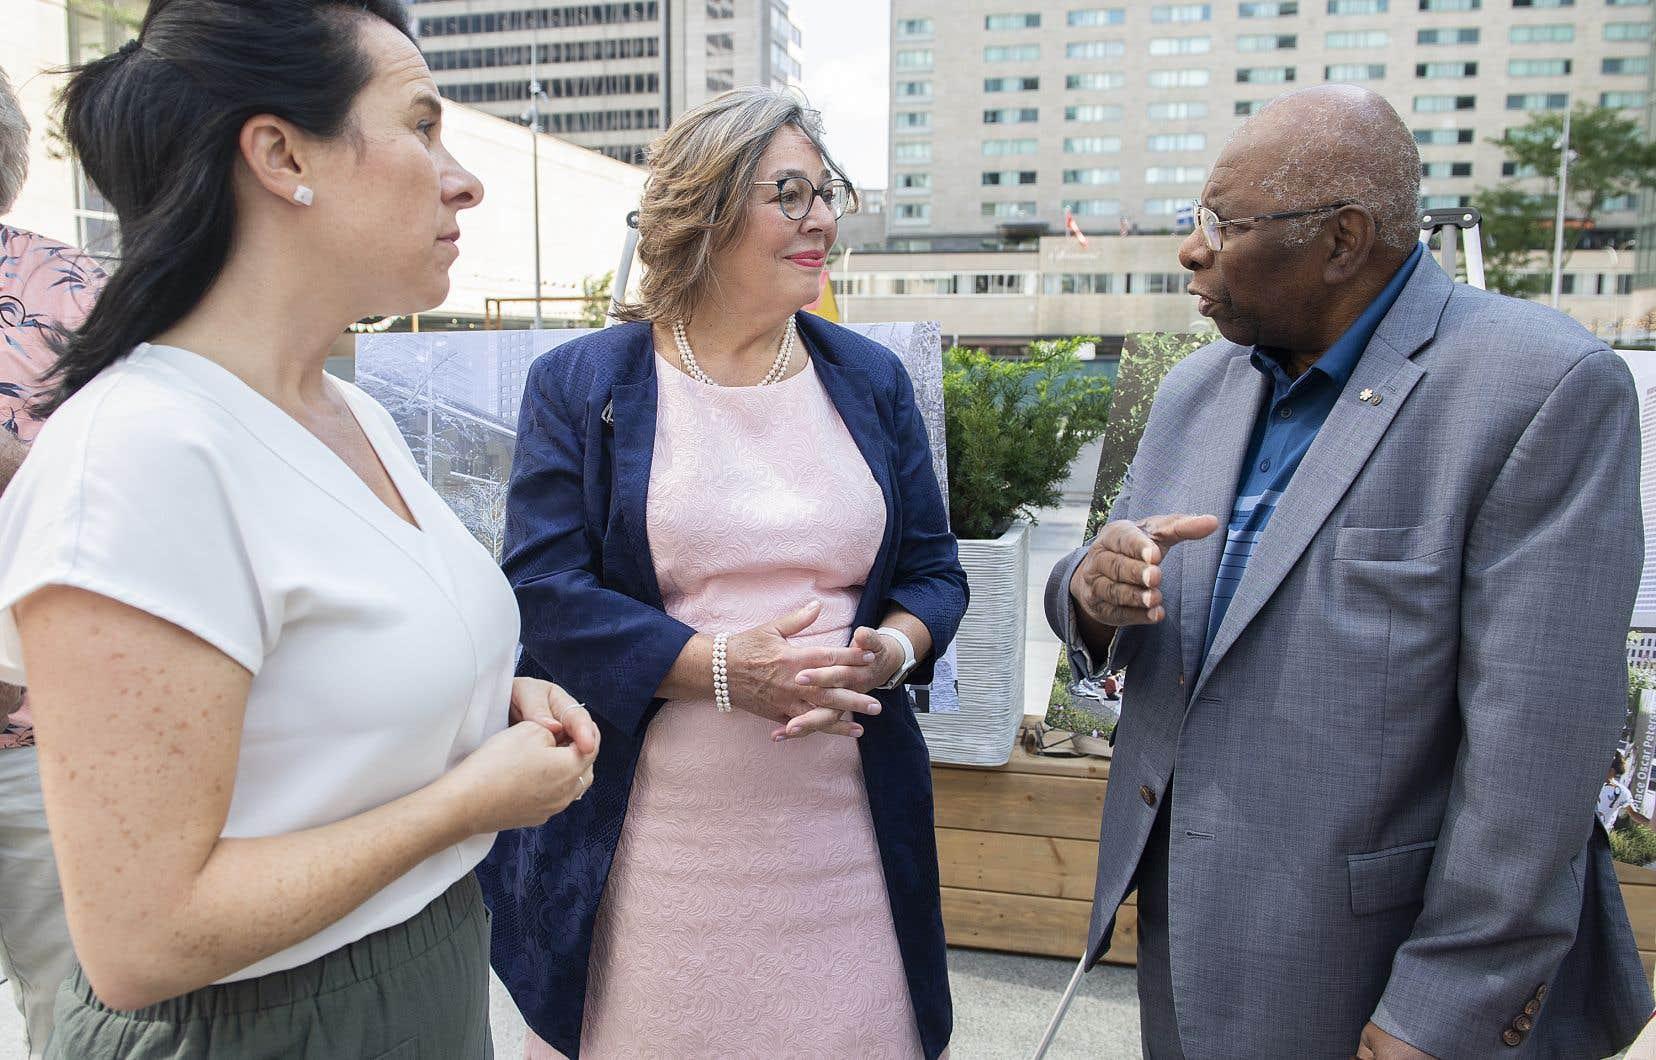 Kelly Peterson, épouse d'Oscar Peterson, au centre, s'entretient avec la mairesse de Montréal Valérie Plante, à gauche, et le musicien Oliver Jones.